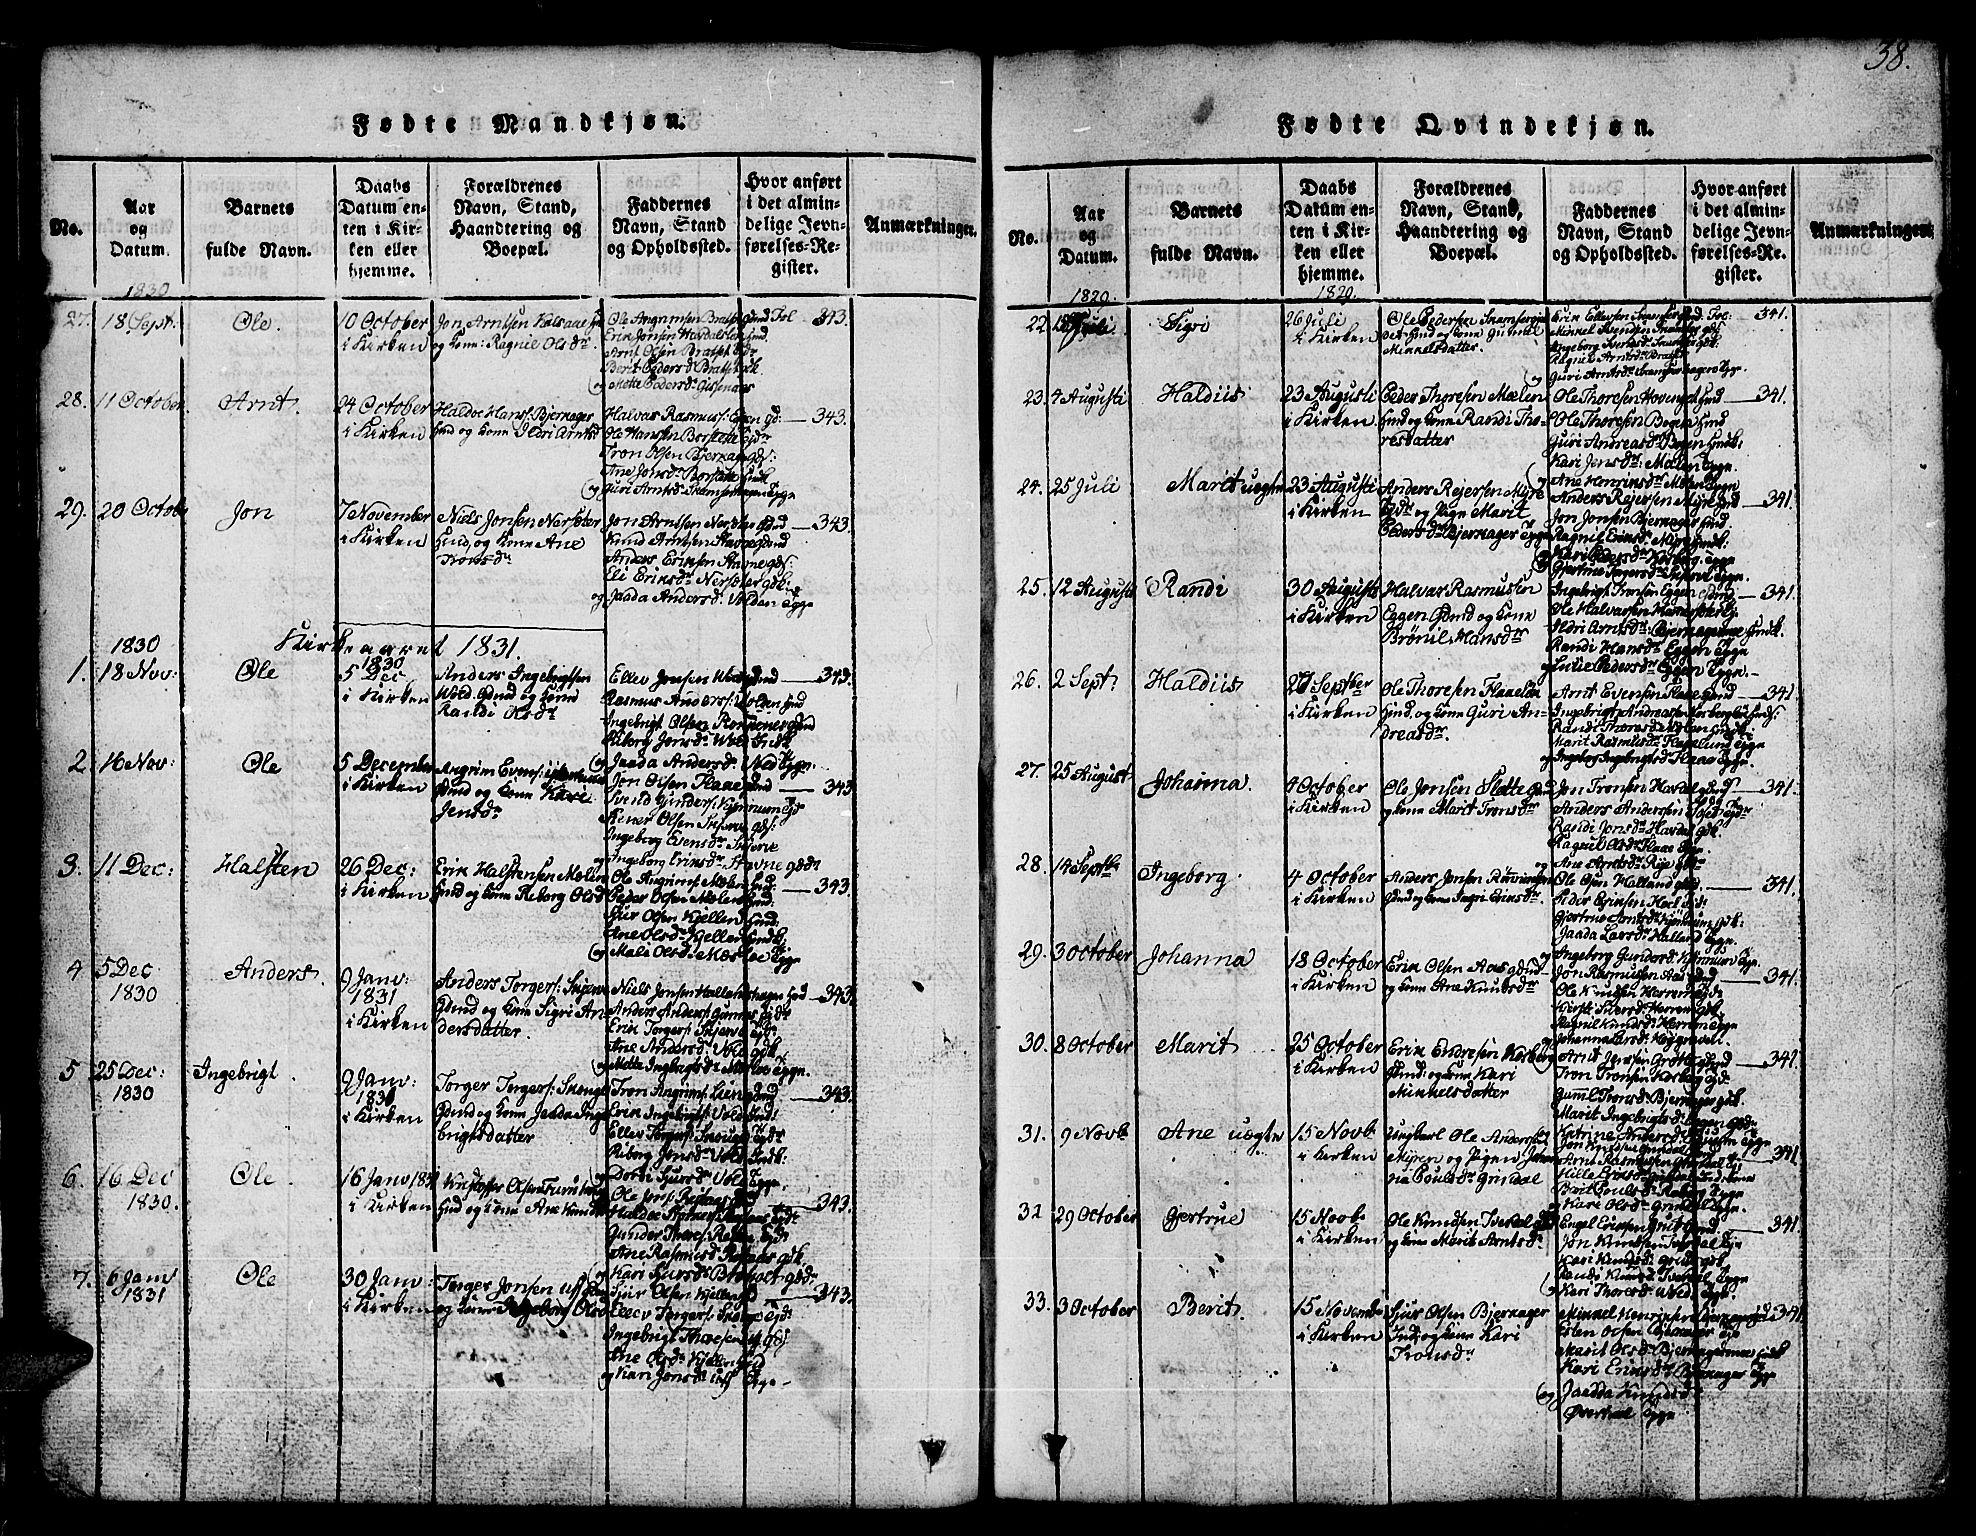 SAT, Ministerialprotokoller, klokkerbøker og fødselsregistre - Sør-Trøndelag, 674/L0874: Klokkerbok nr. 674C01, 1816-1860, s. 38